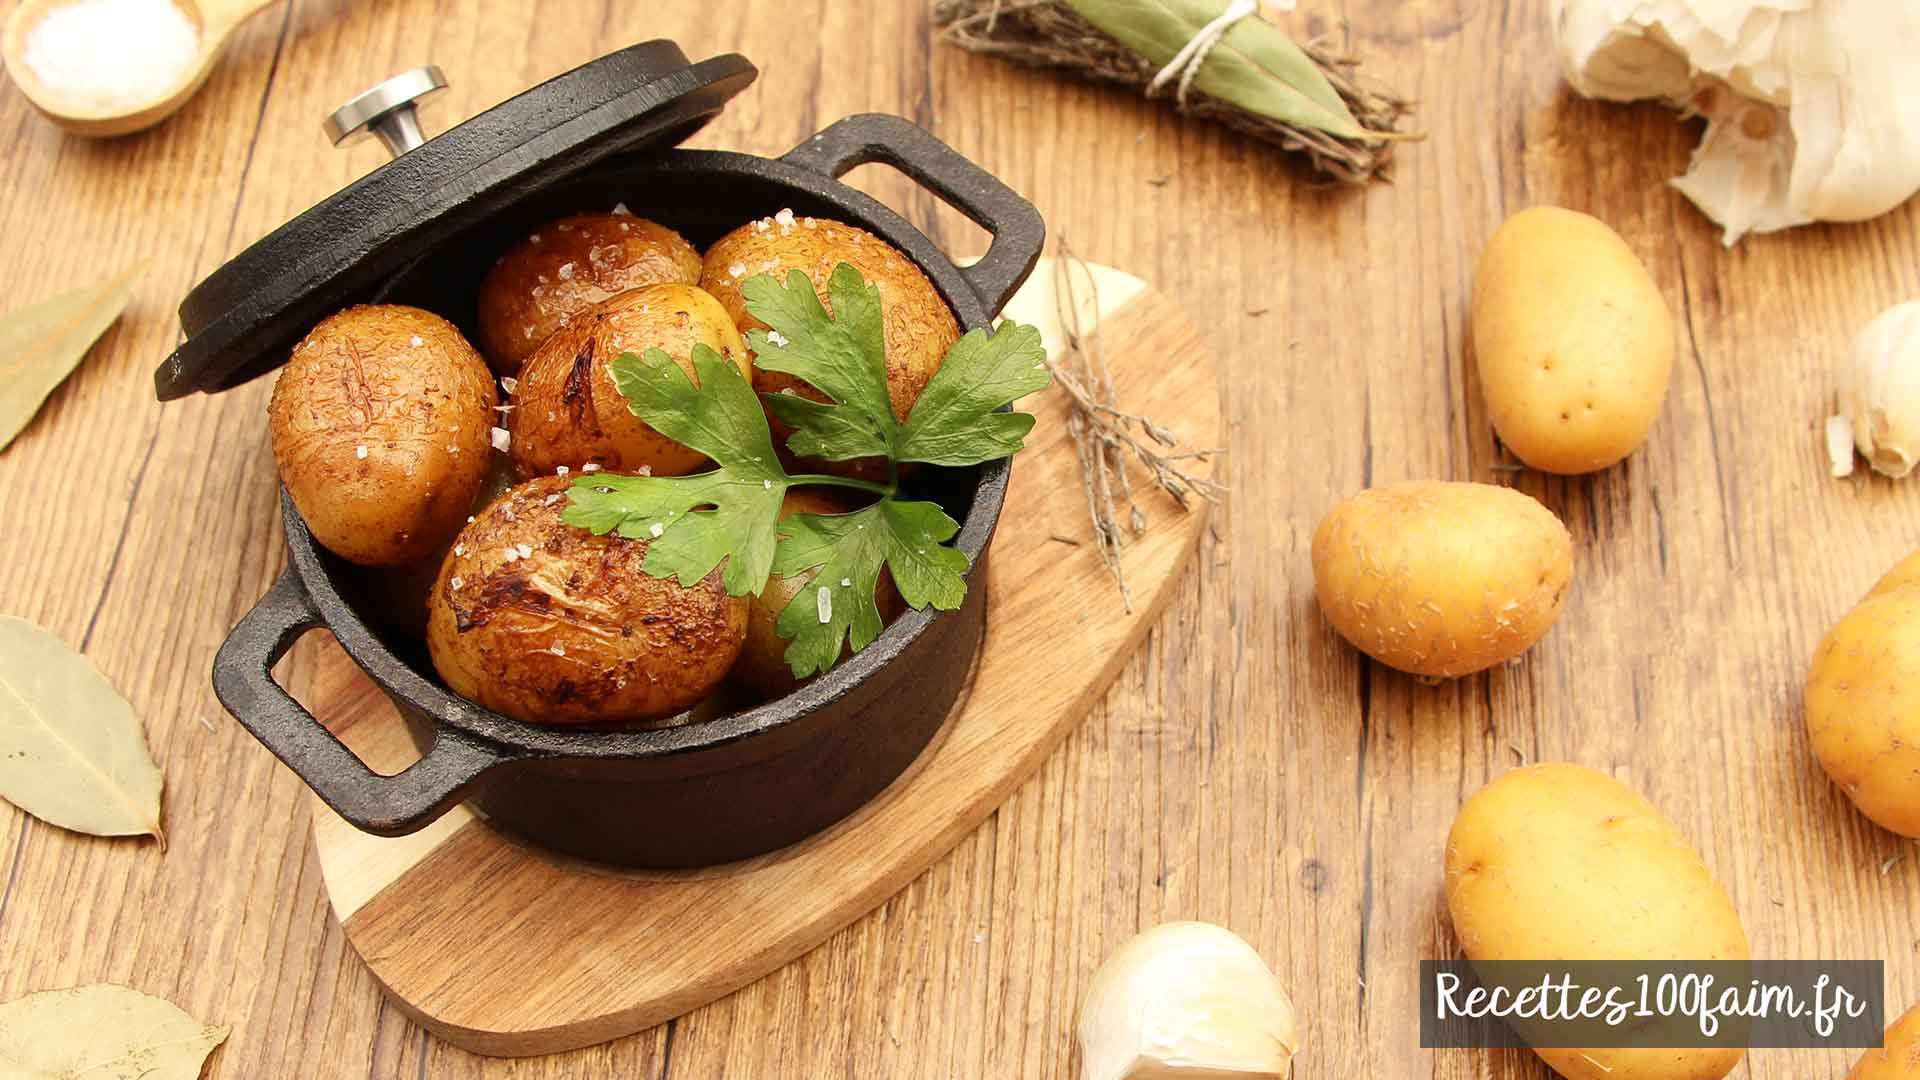 recette pomme de terre grenaille au four